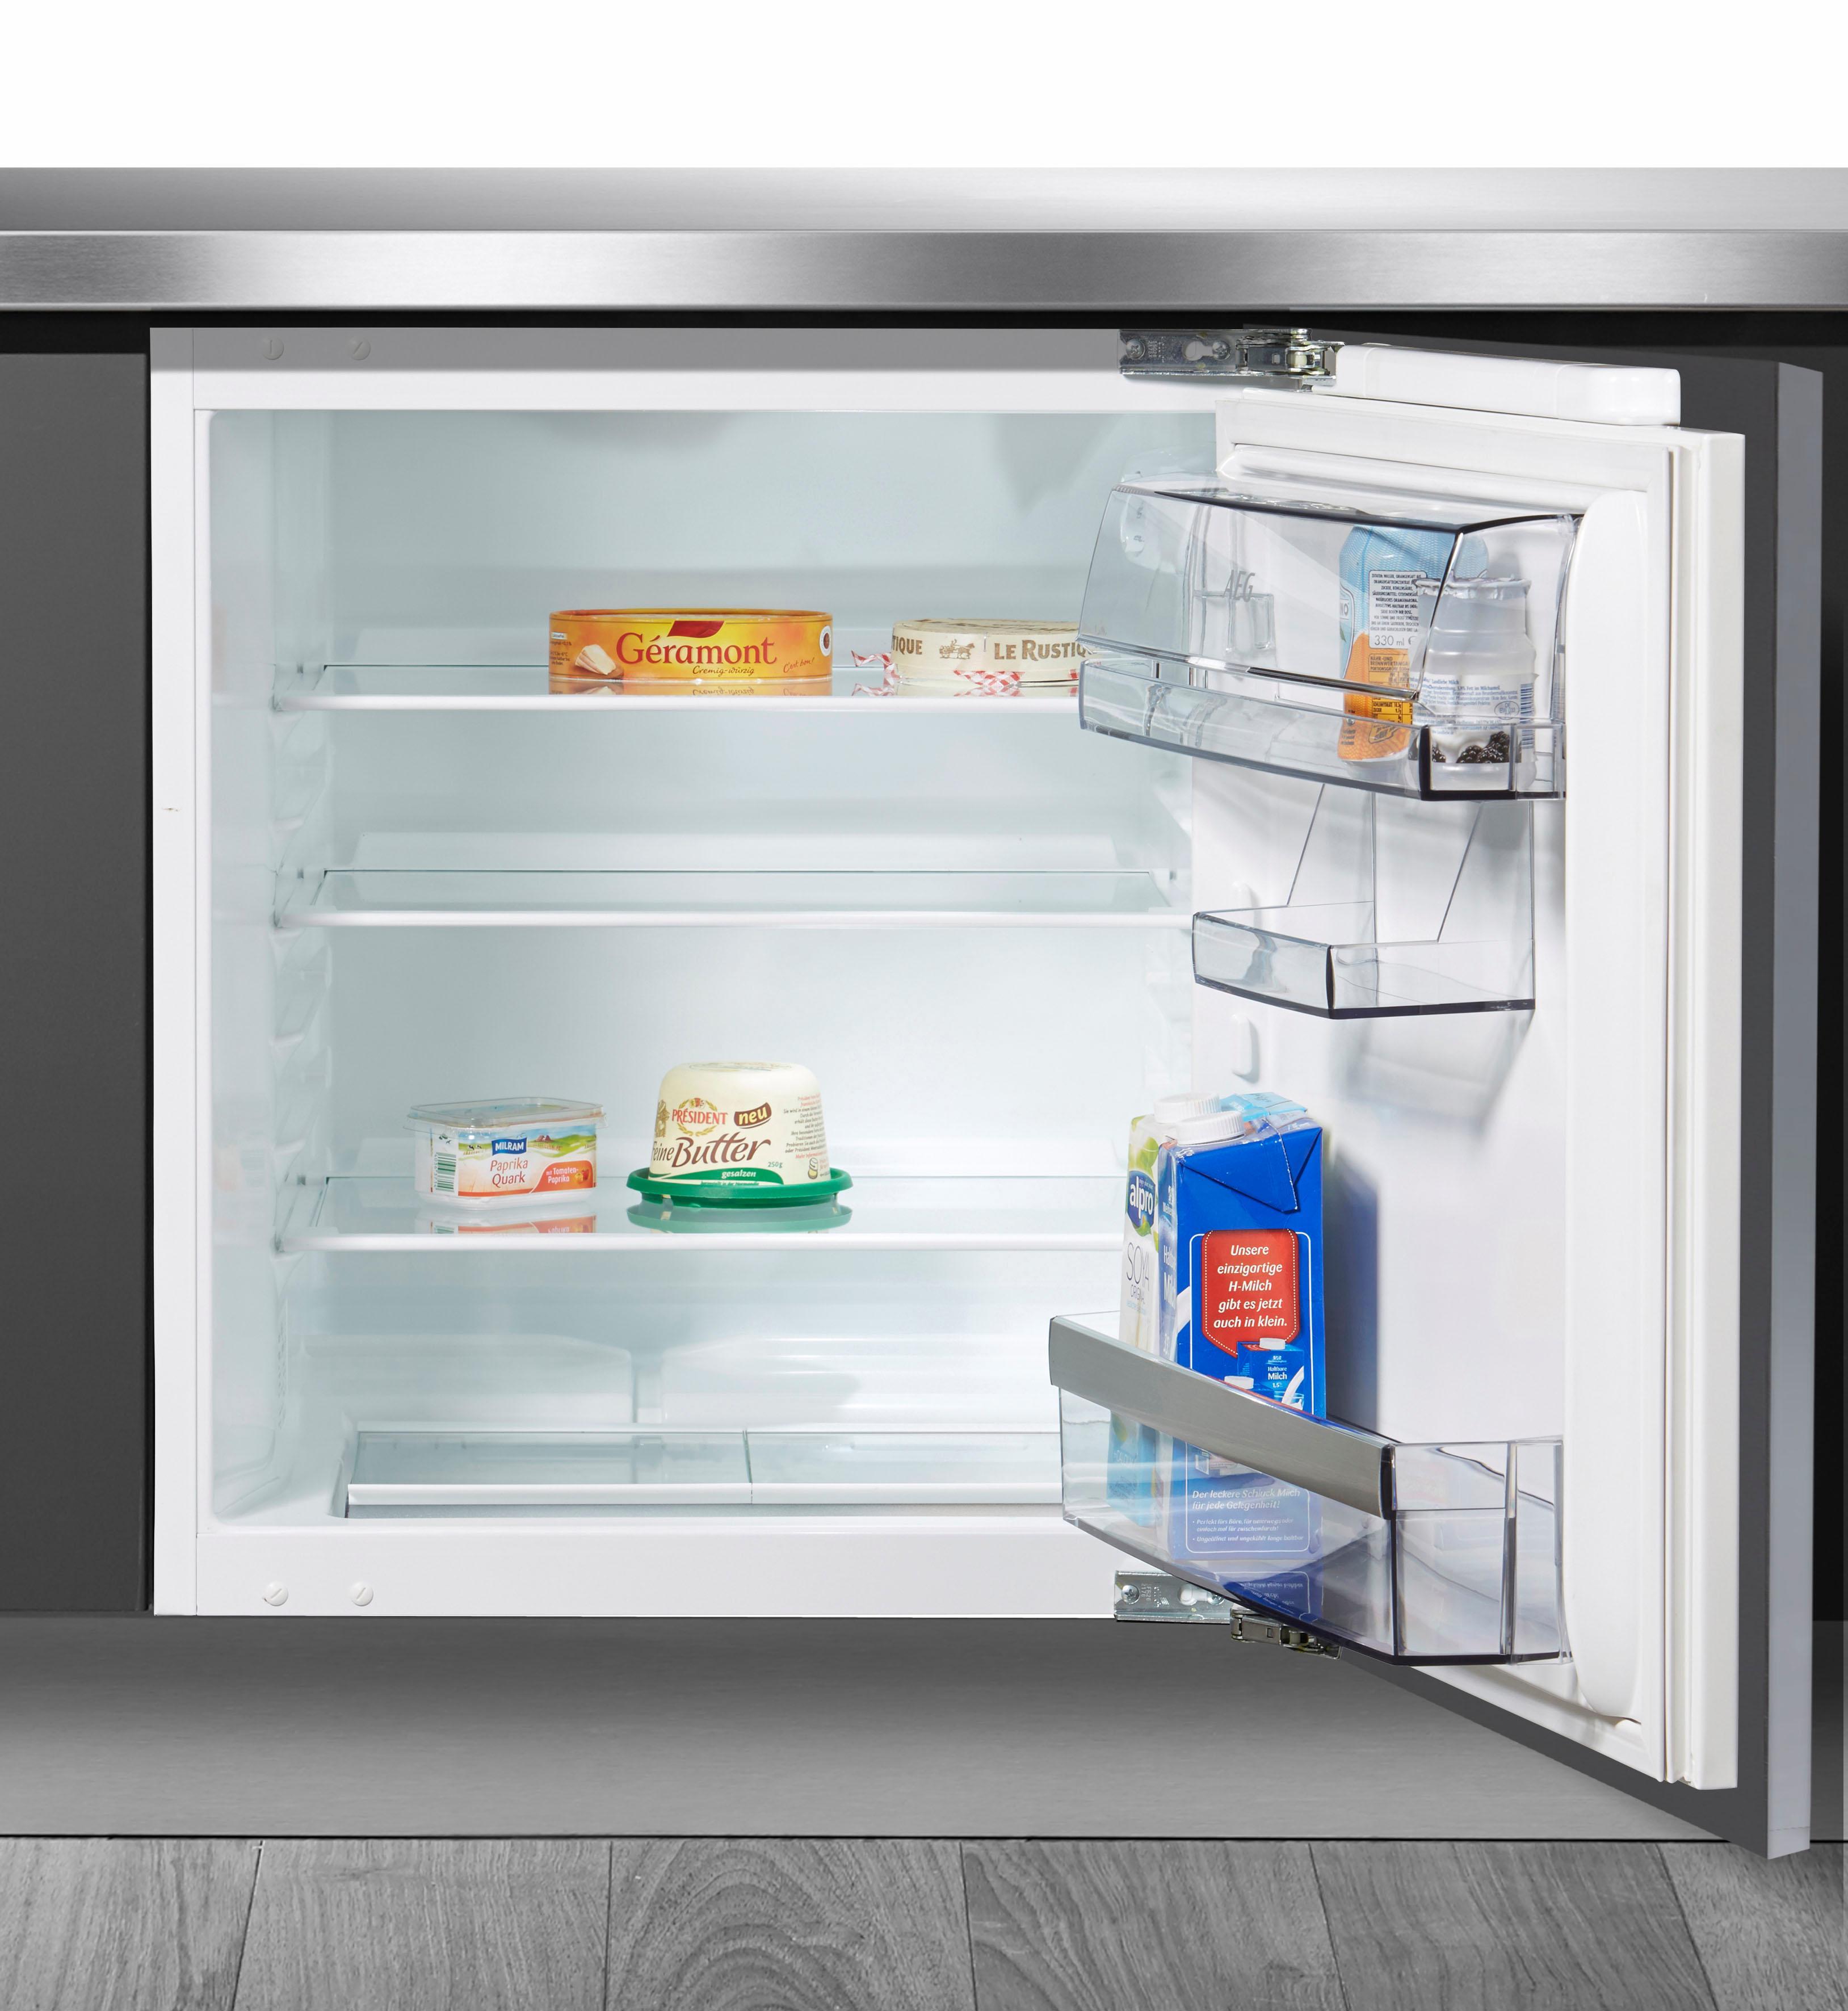 Perfekt AEG Einbaukühlschrank, 81,5 Cm Hoch, 59, 6 Cm Breit